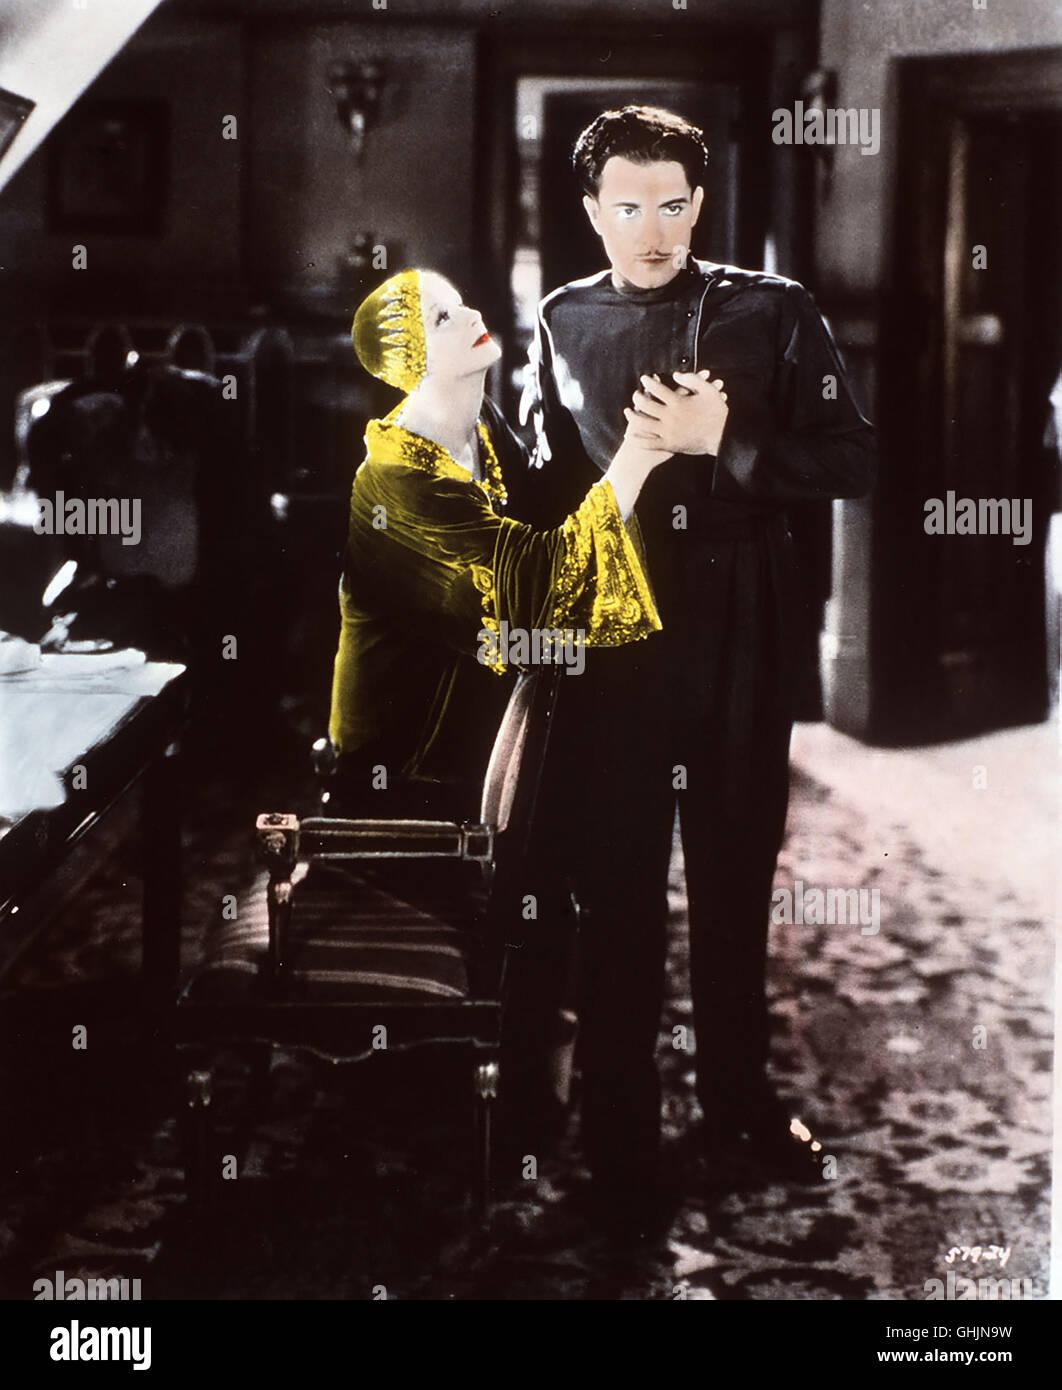 Mata Hari USA 1931 Die berühmte Geschichte der japanisch-niederländischen Offiziersgattin, die während - Stock Image